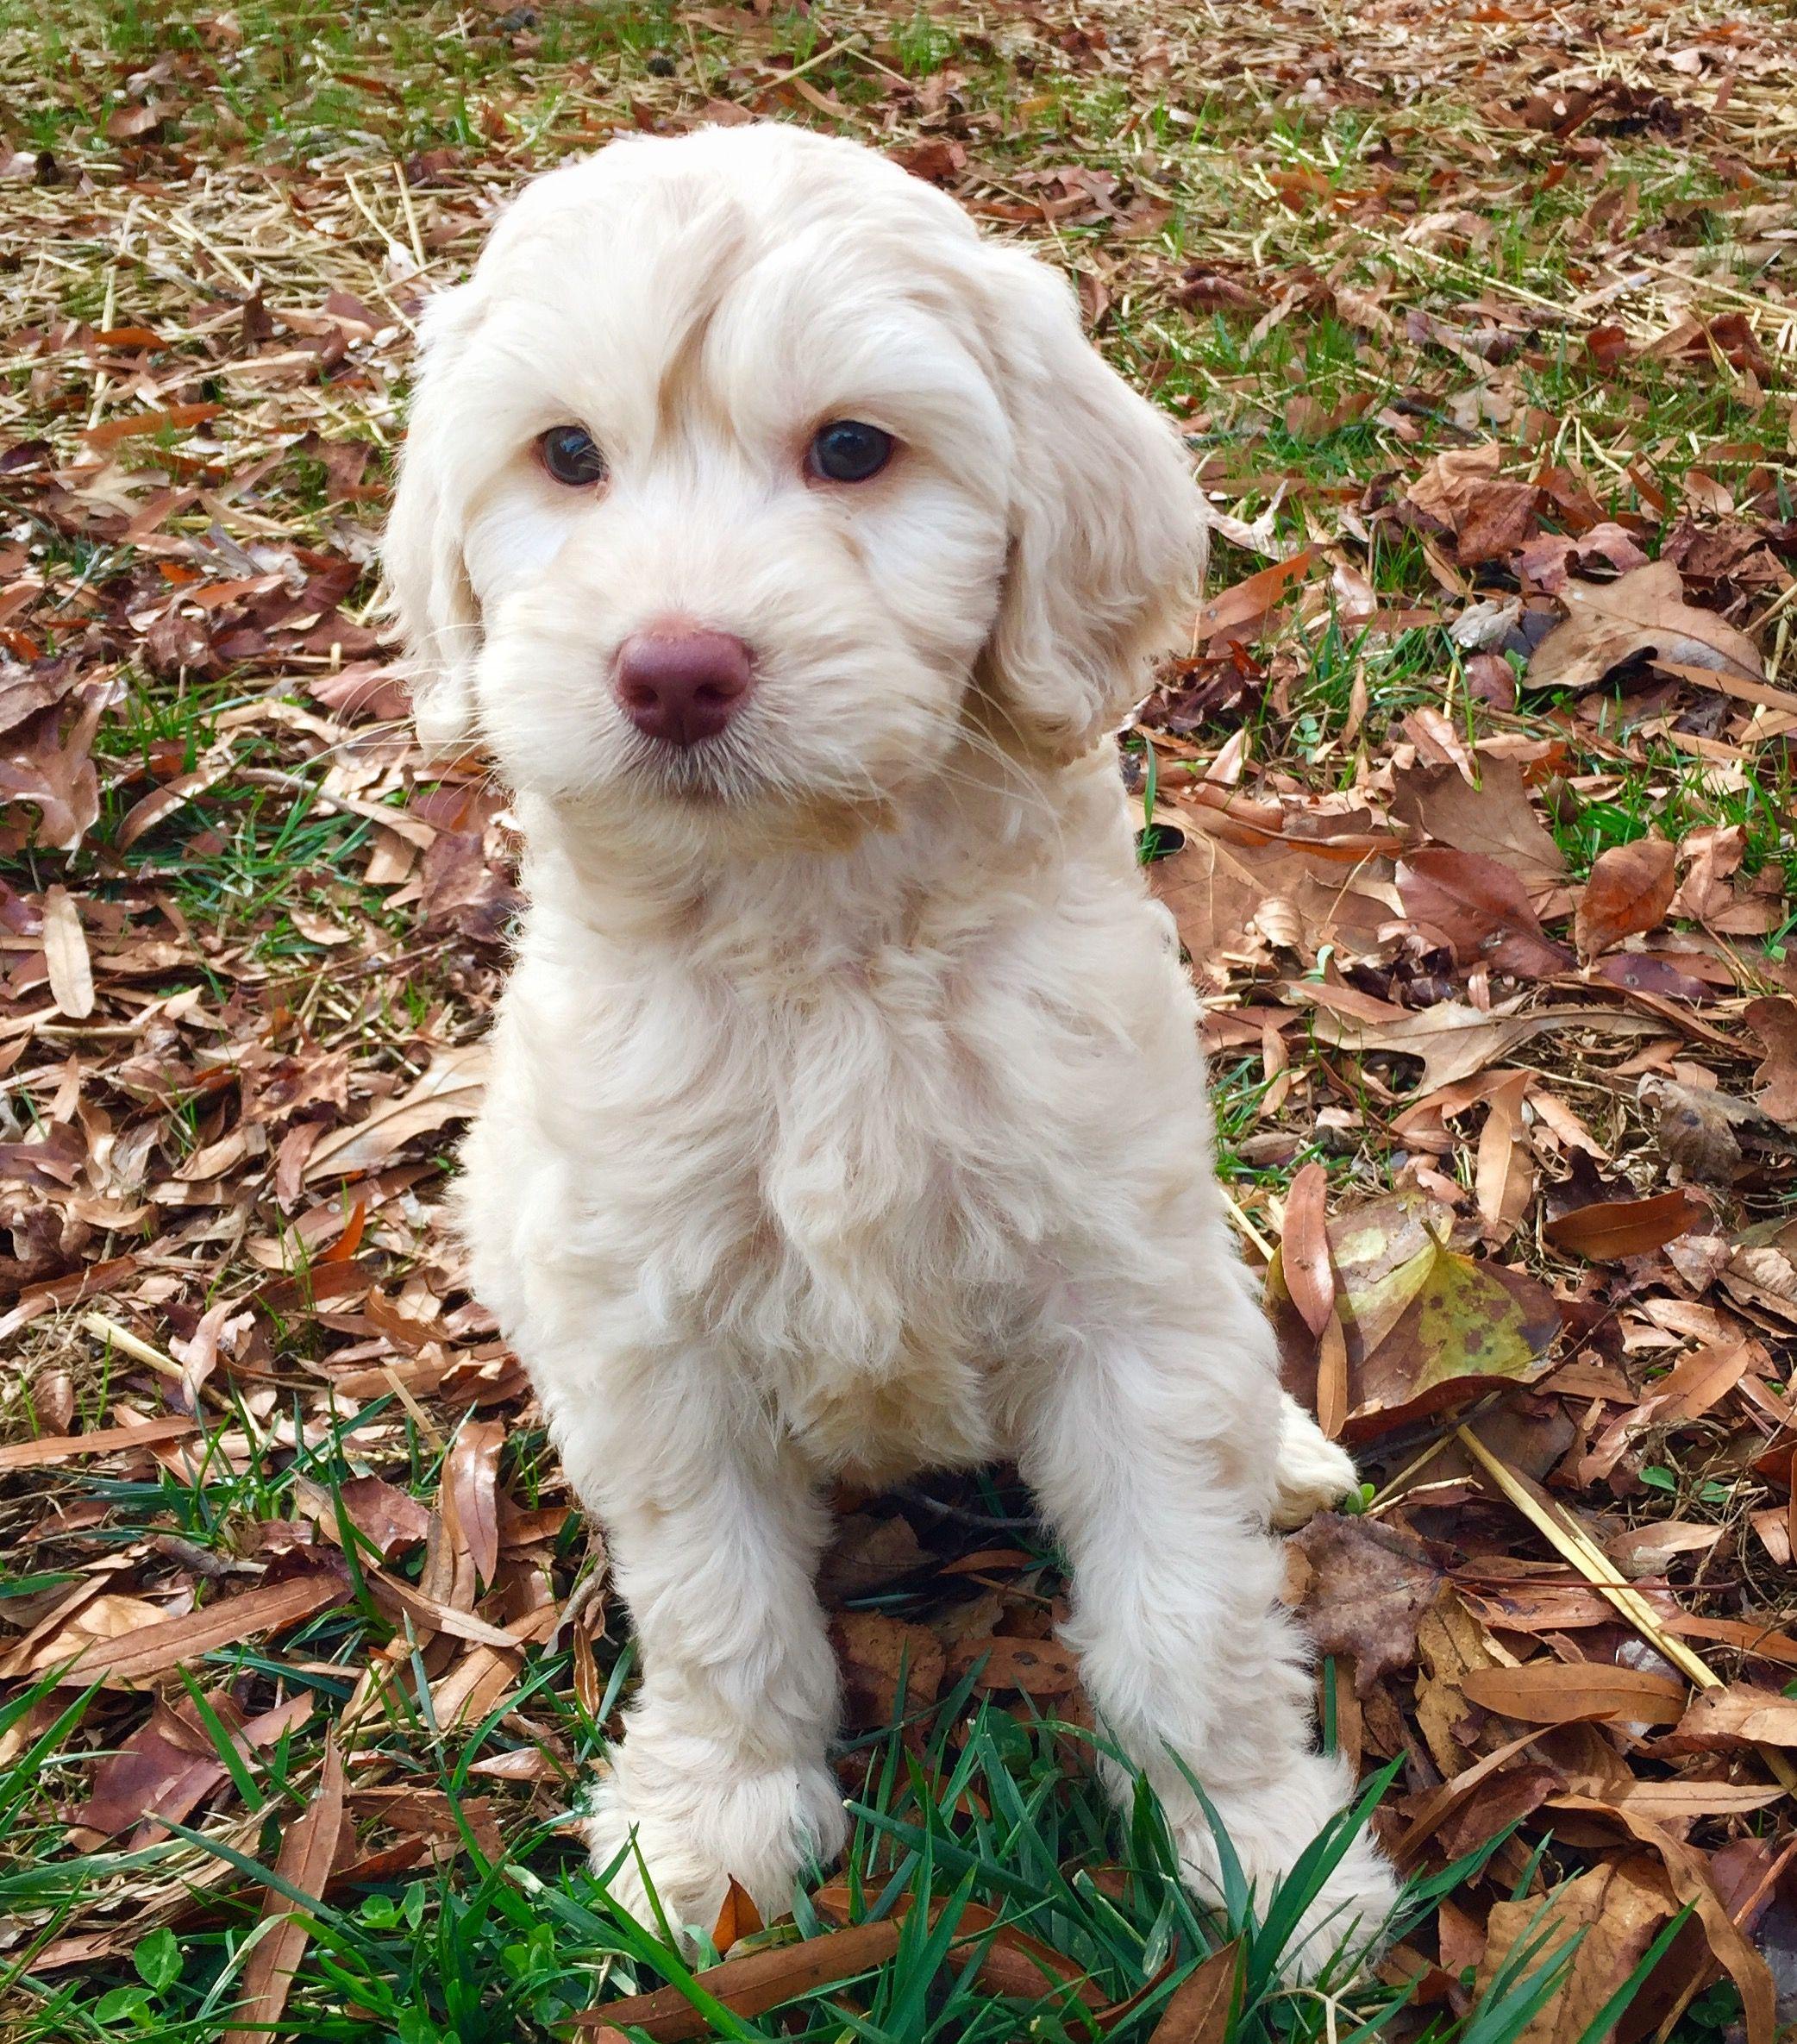 Cute Australian Labradoodle Puppy From Www Carolina Labradoodles Com Australian Labradoodle Puppies Labradoodle Puppy Labradoodle